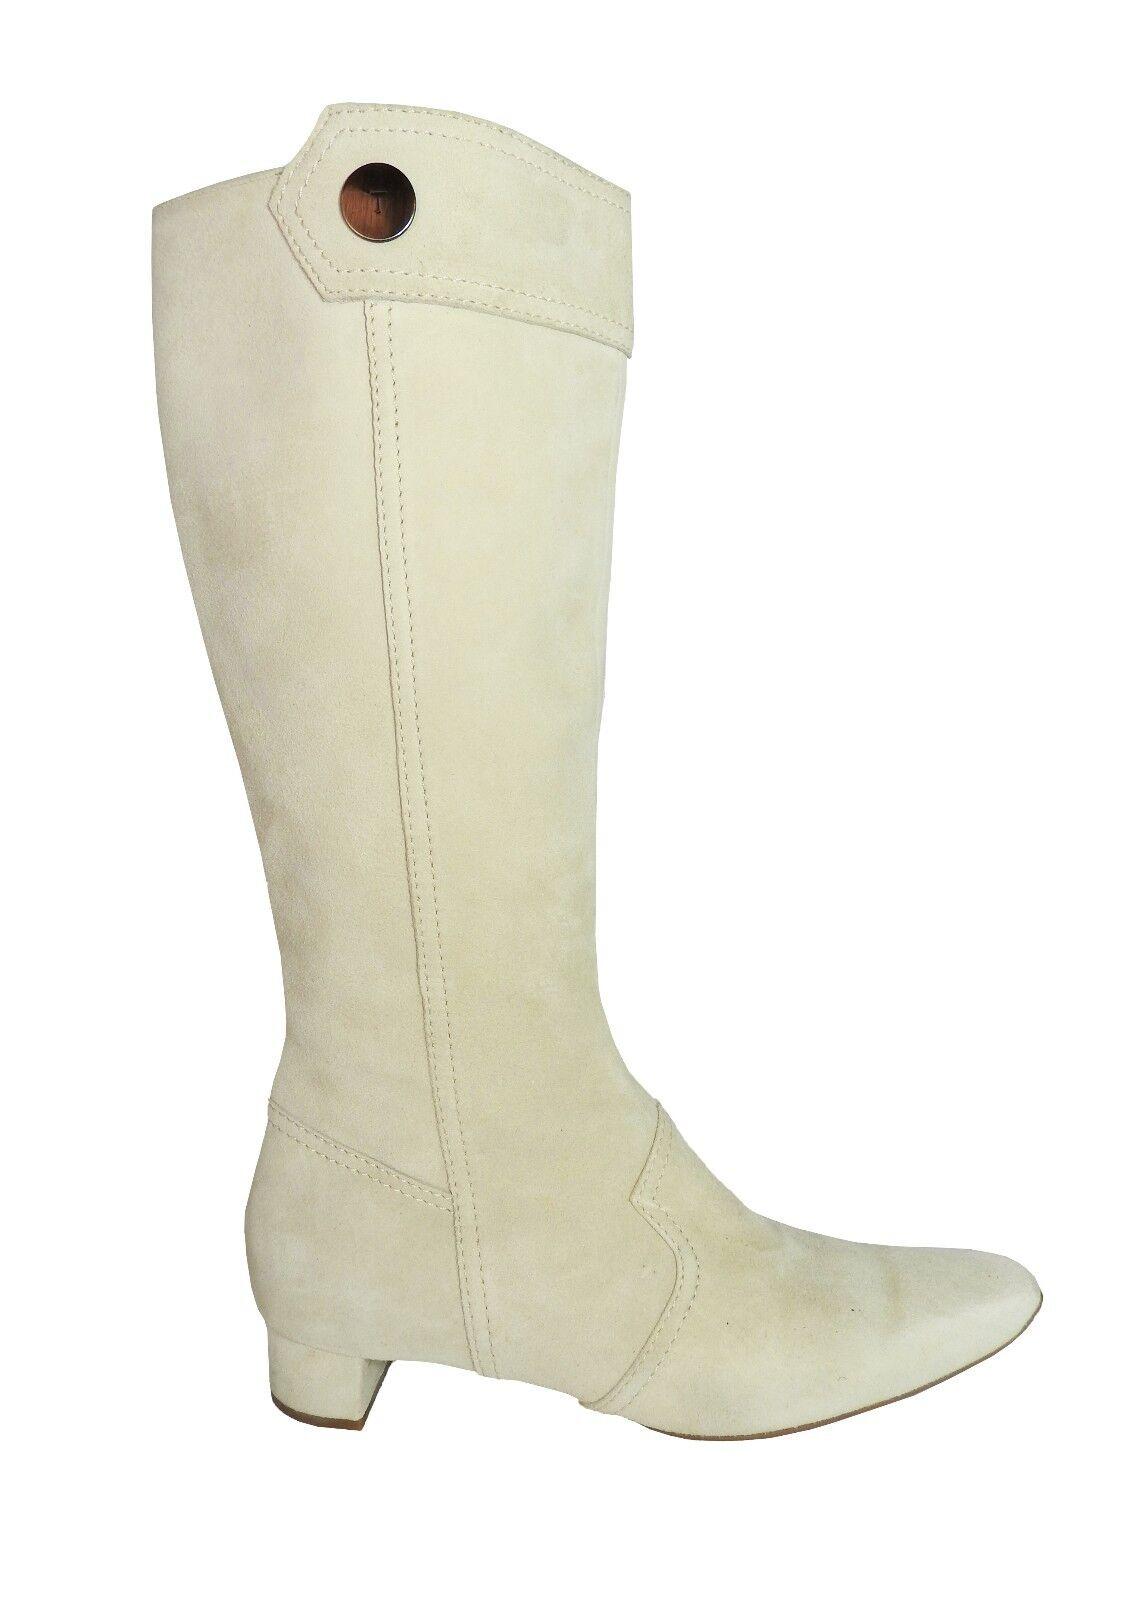 economico e di alta qualità Tod's Beige Suede Low Heel Heel Heel Side Zip Button Detail Knee High Mod stivali Dimensione 8  fino al 65% di sconto